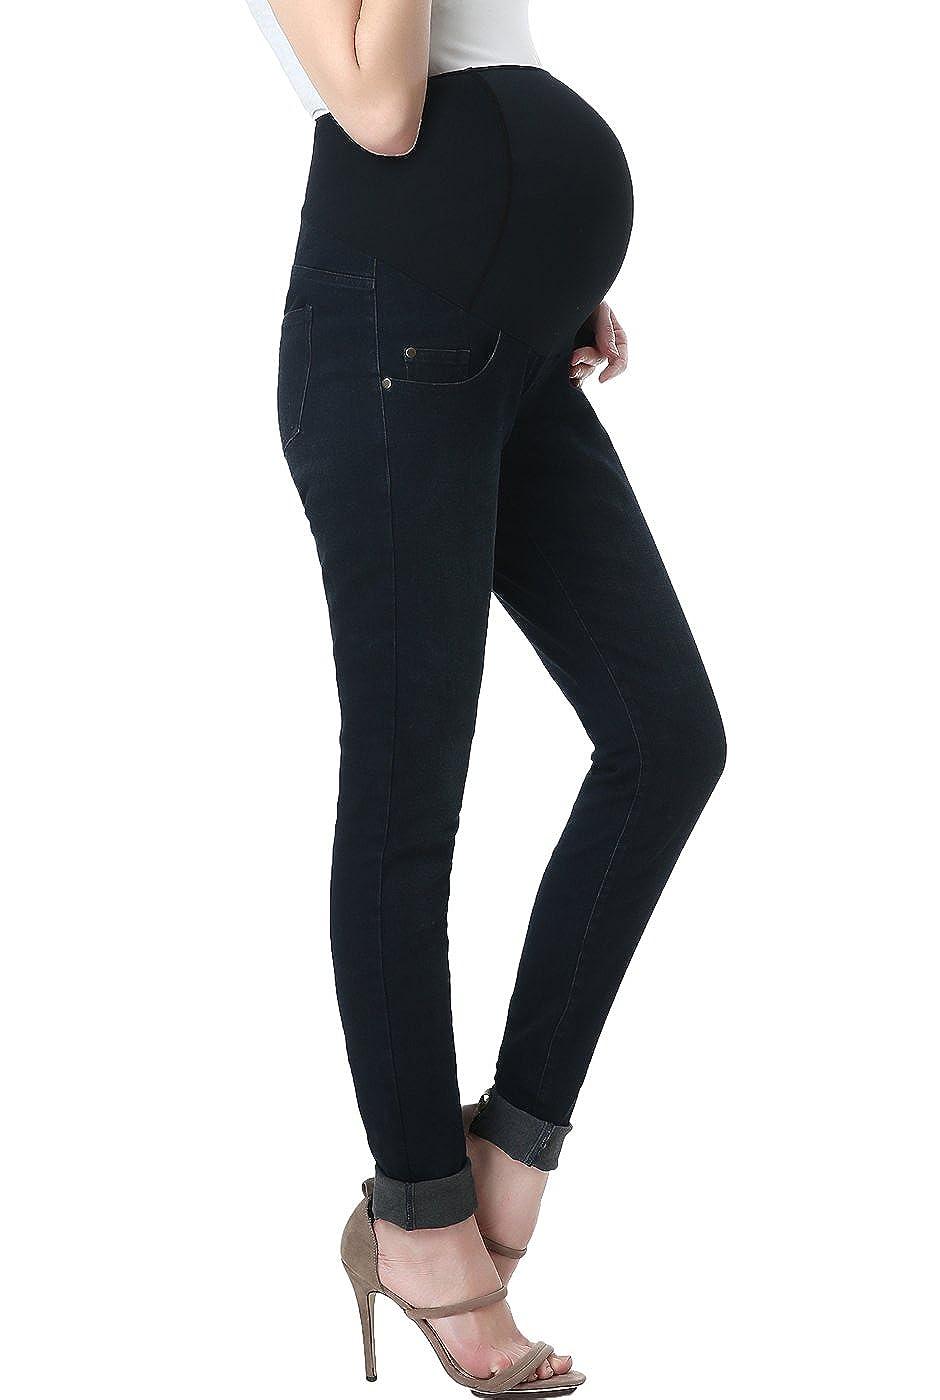 Momo Maternity Women's Skinny Leg Denim Jeans